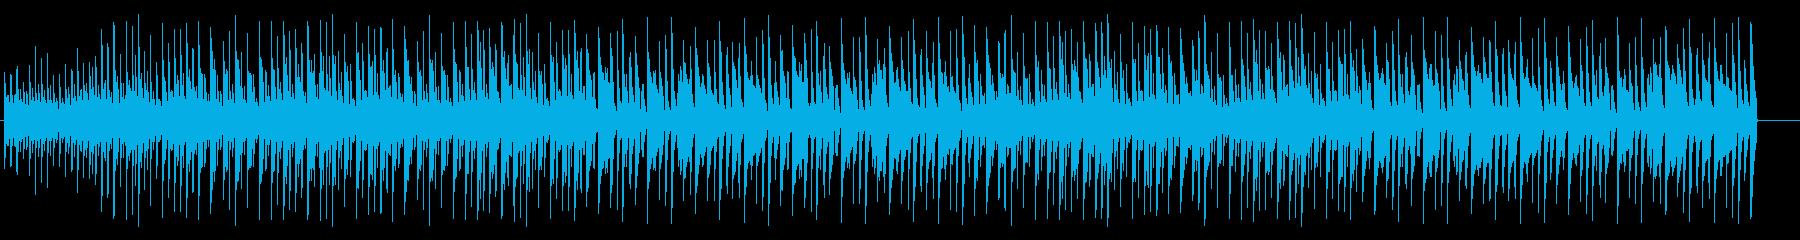 電気研究所テクノロジー-ハイテク-...の再生済みの波形